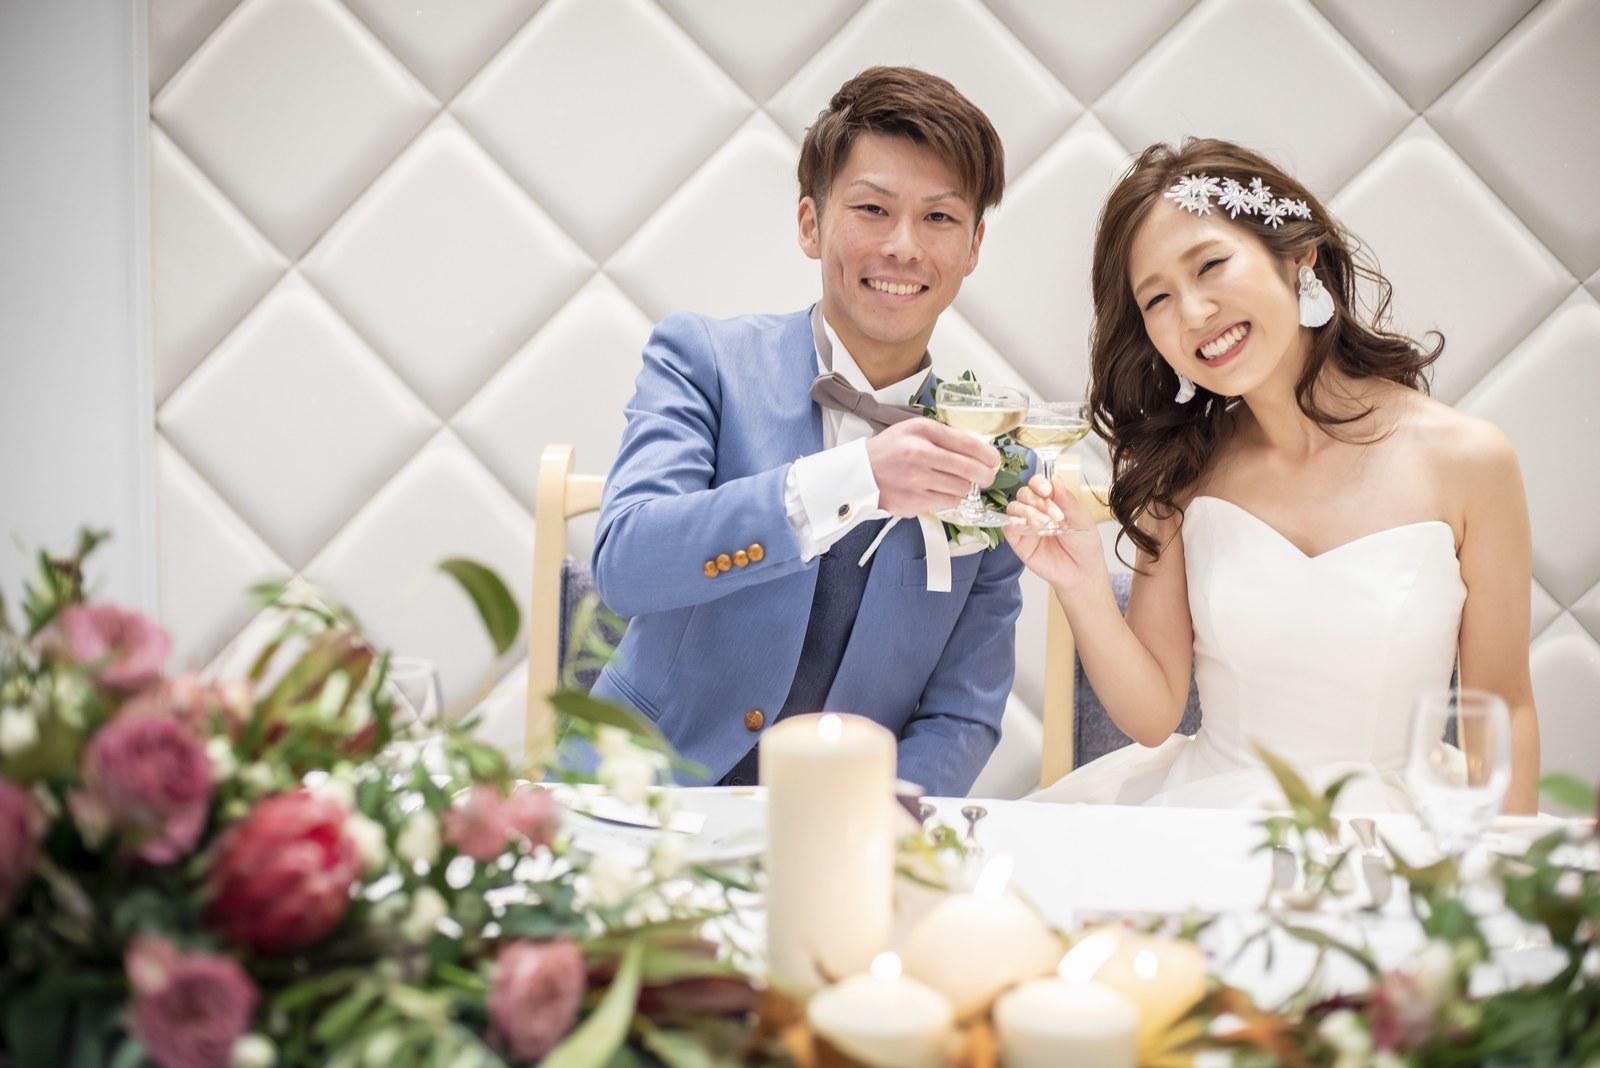 香川県の結婚式場シェルエメール&アイスタイルの乾杯